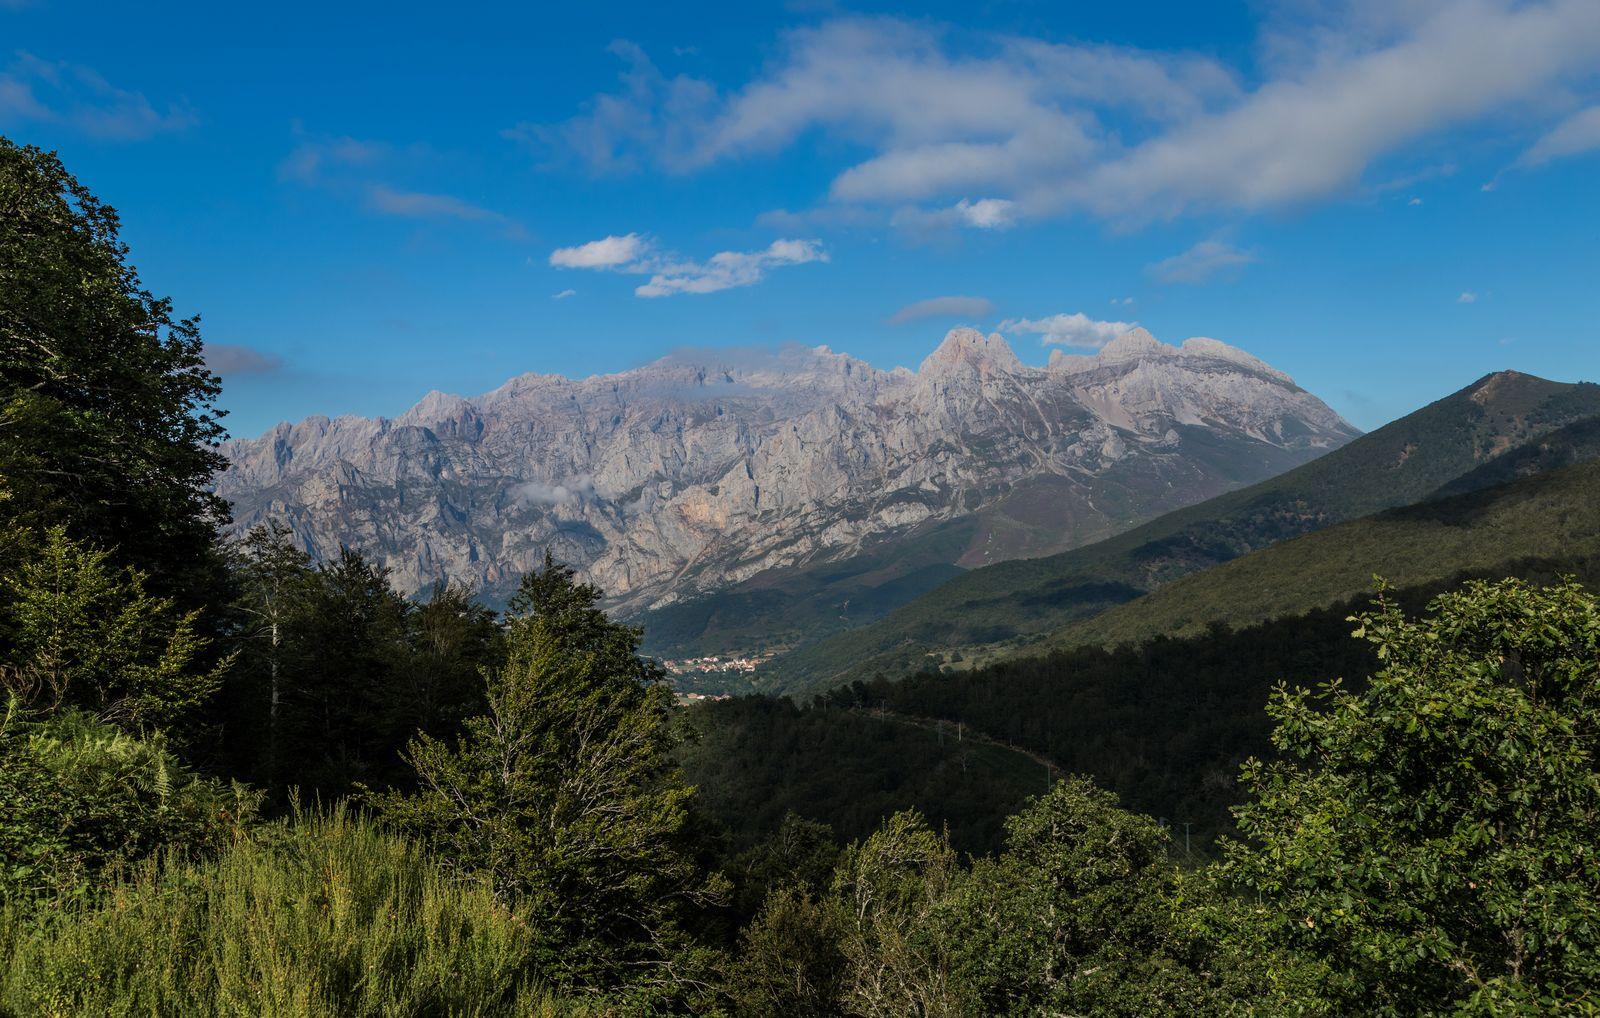 Un último vistazo a la silueta de Picos de Europa